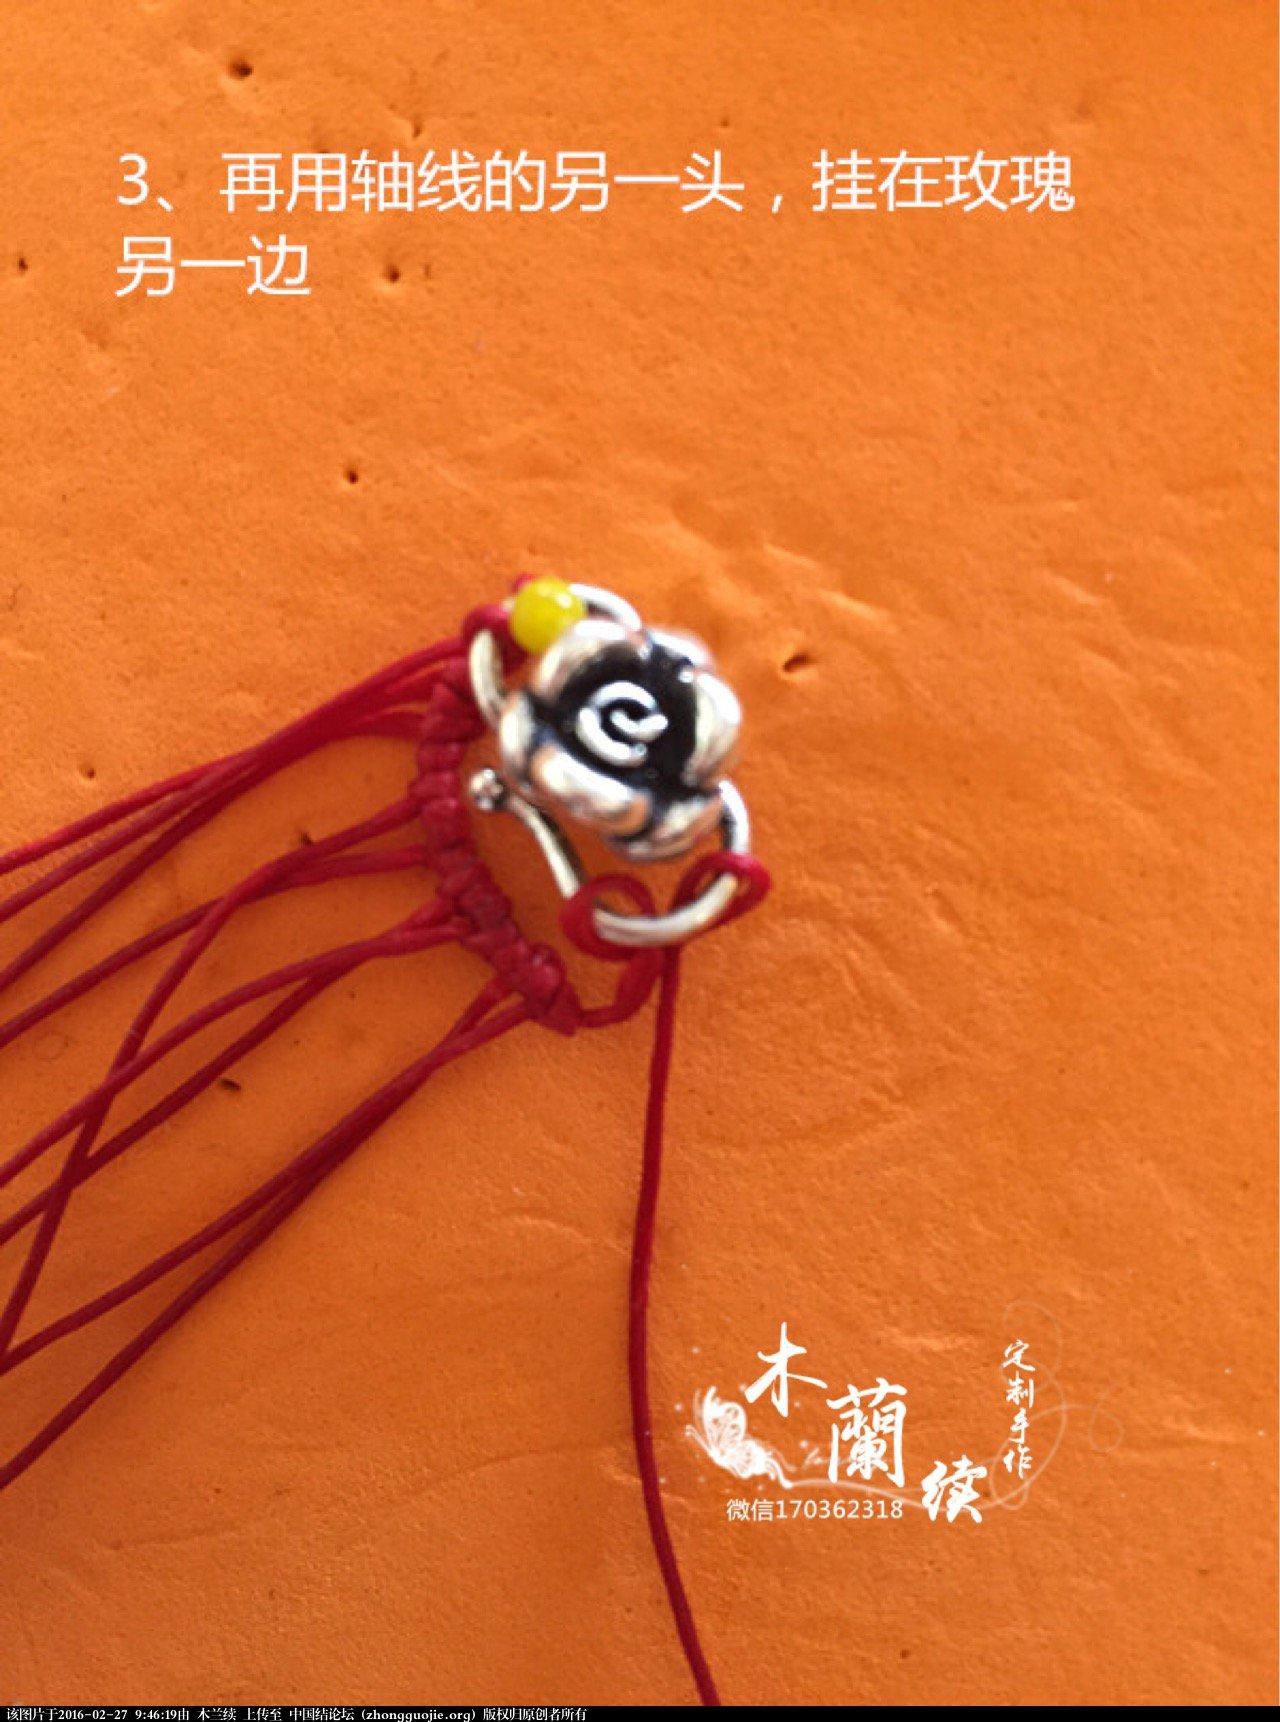 """中国结论坛 【木兰续·定制手作】指环""""玫瑰誓言"""",带教程! 玫瑰,木兰 图文教程区 094453f8l5q459jqg89nzl"""